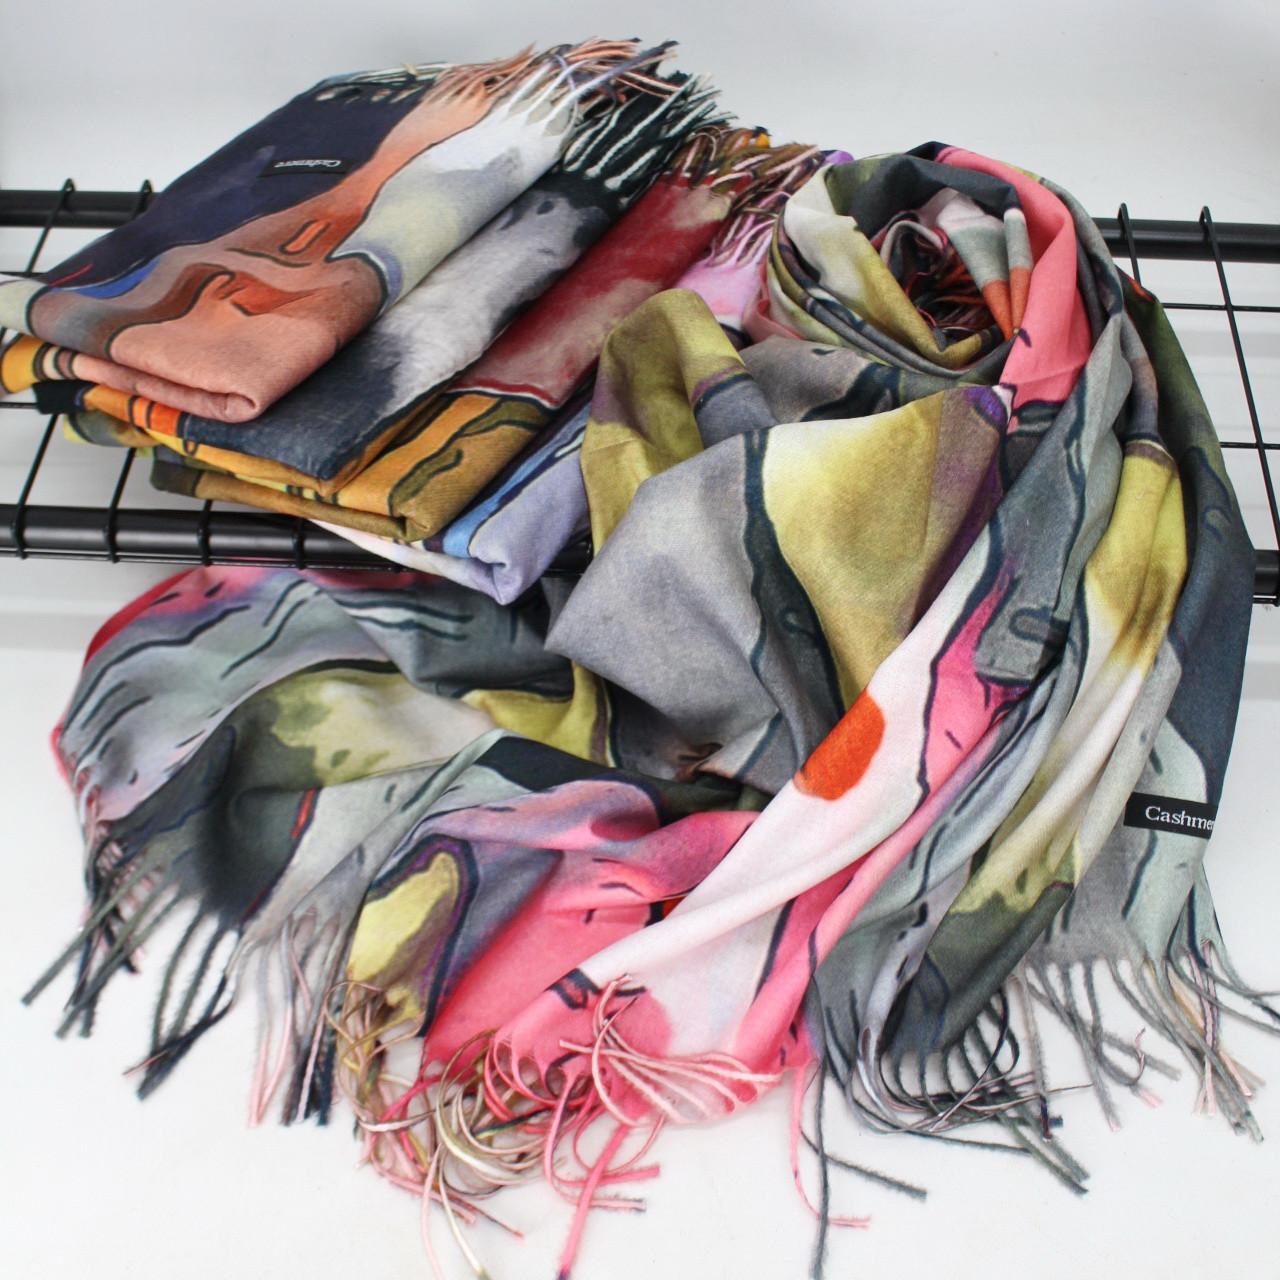 Кашемировый теплый платок Cashmere 215005